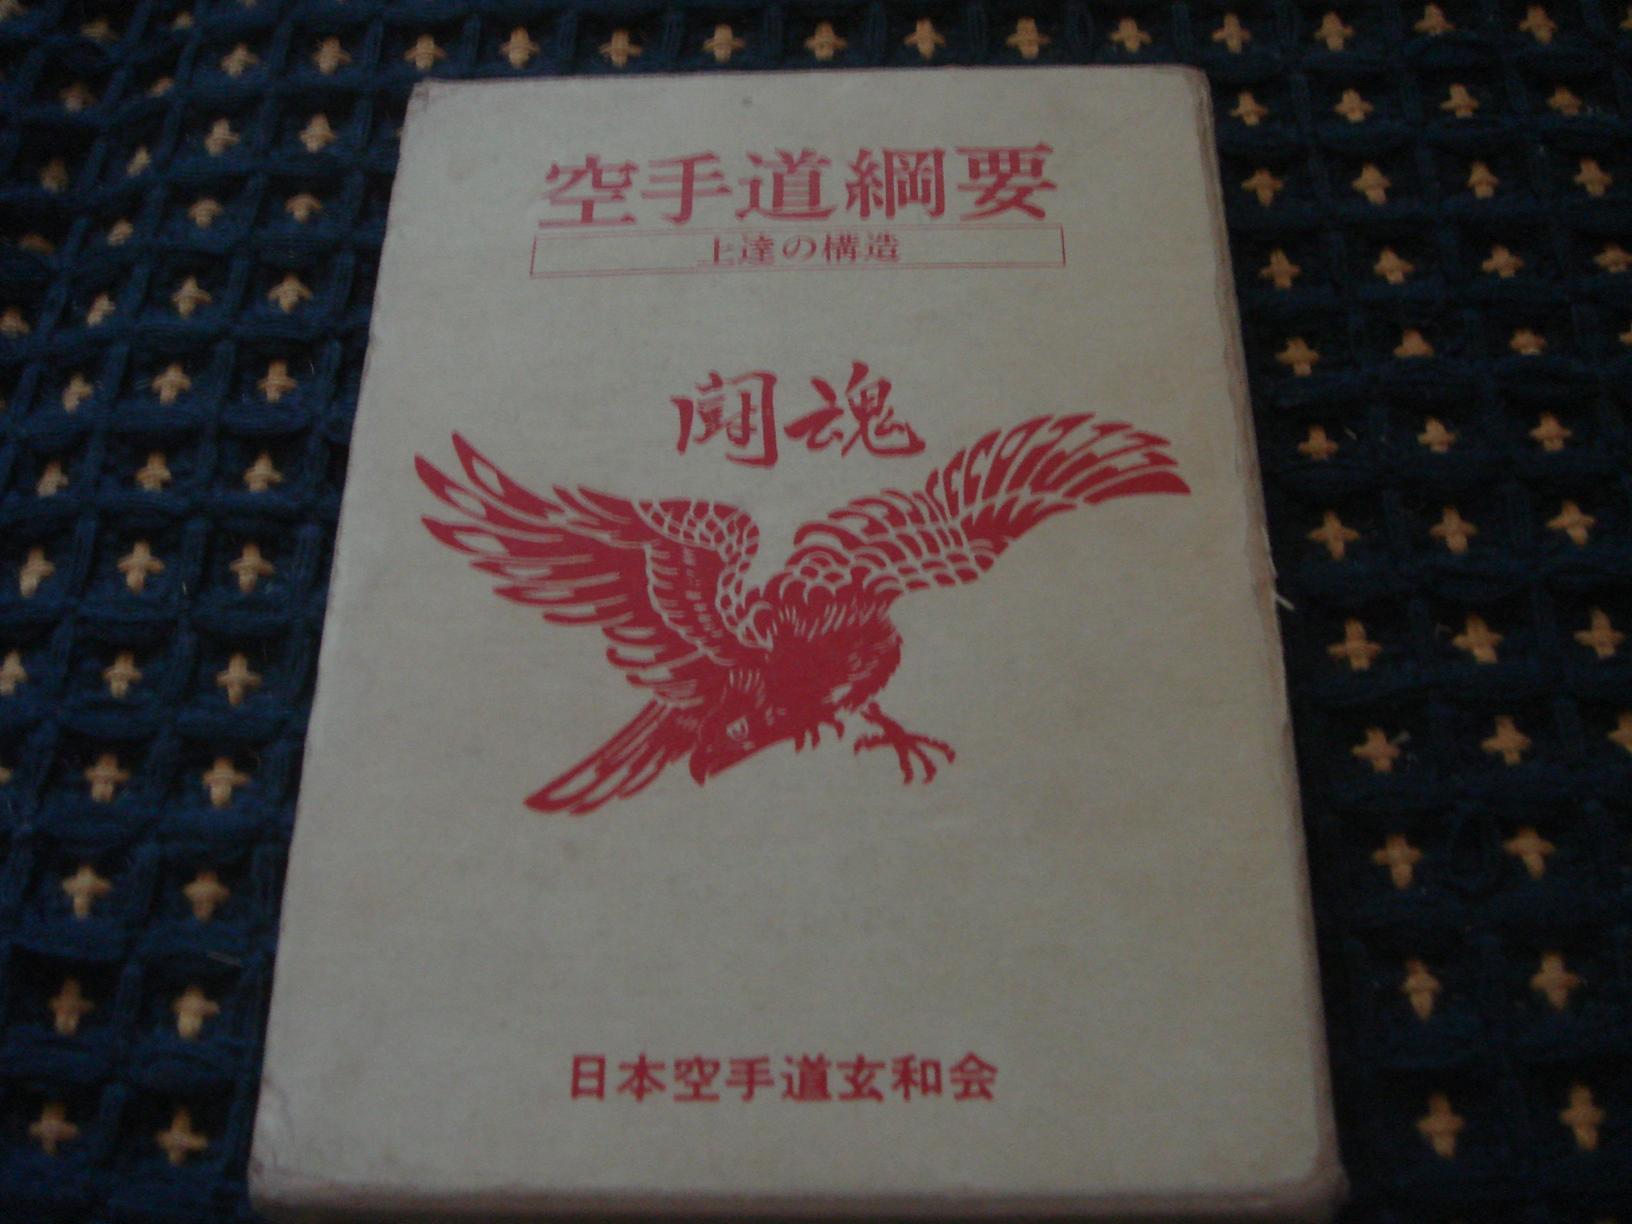 イッシー こちらが玄和会の教科書です。 確か10年ぐらい前(定かではないです)には新書で発売され